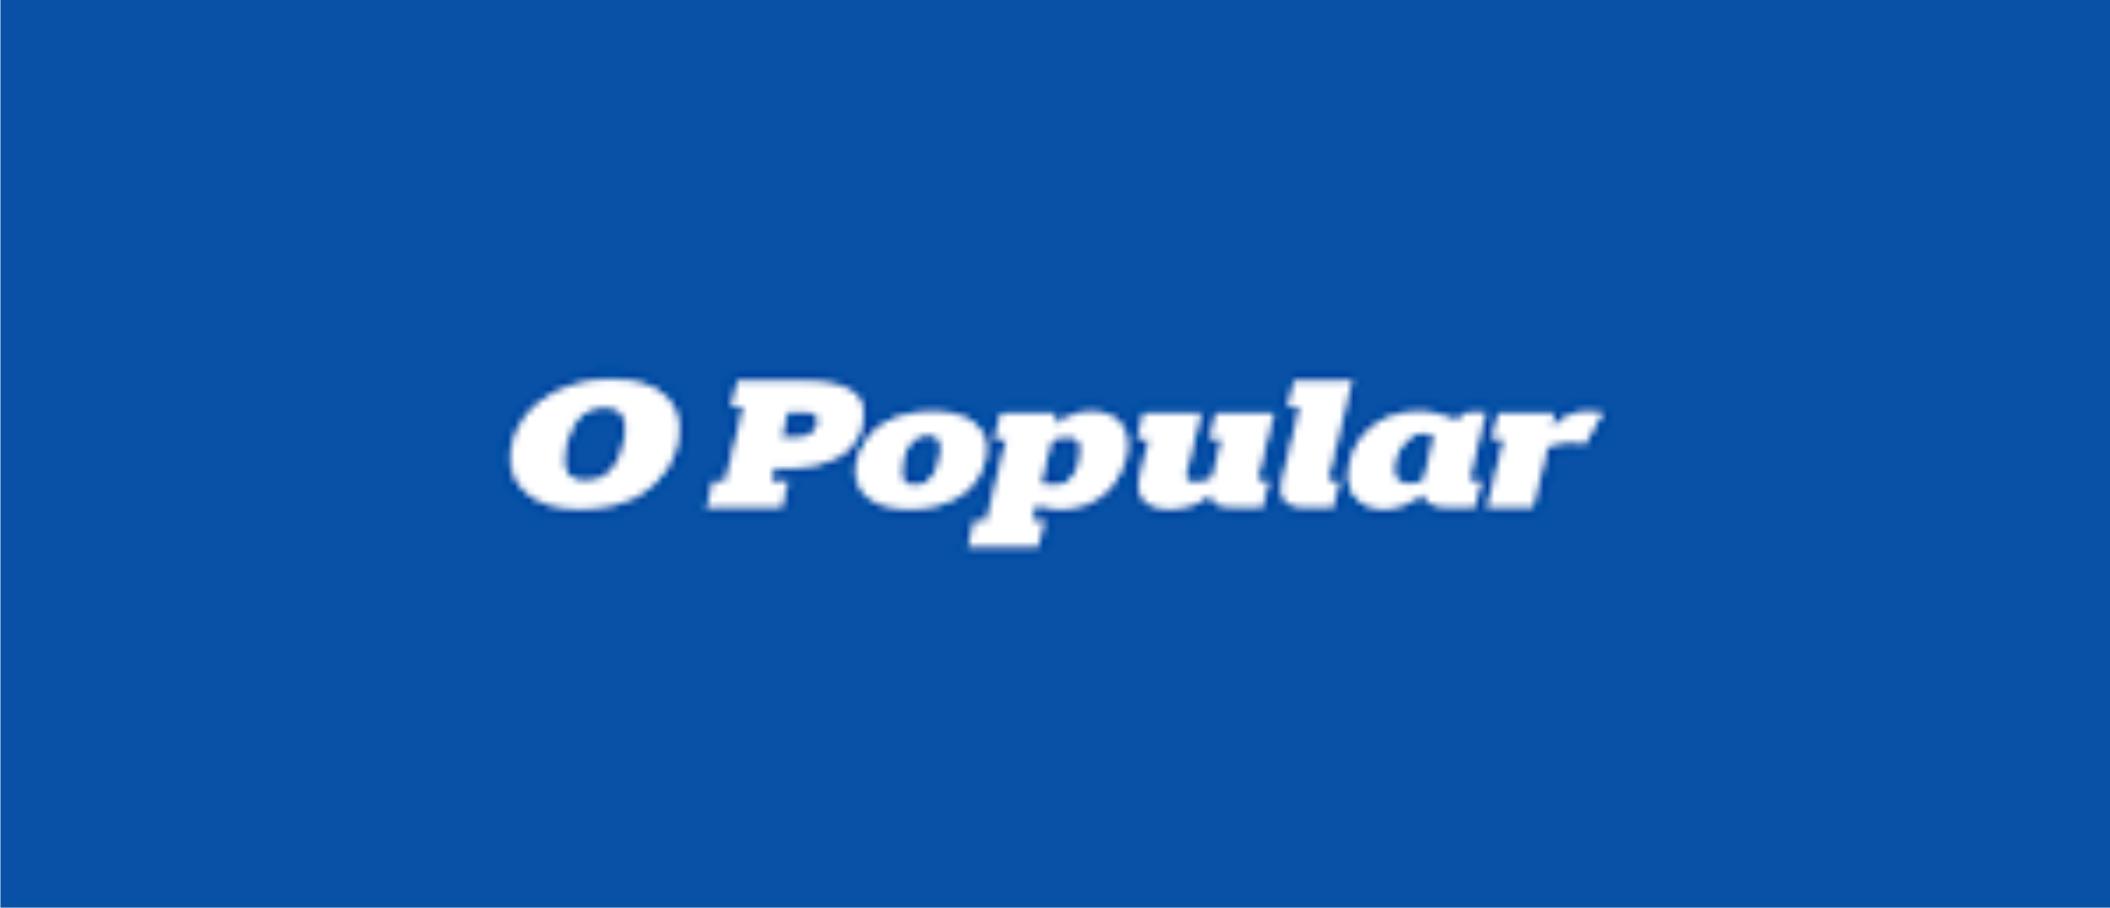 """Filipe Denki. Jornal """"O Popular"""". Recuperação e falência aumentam."""